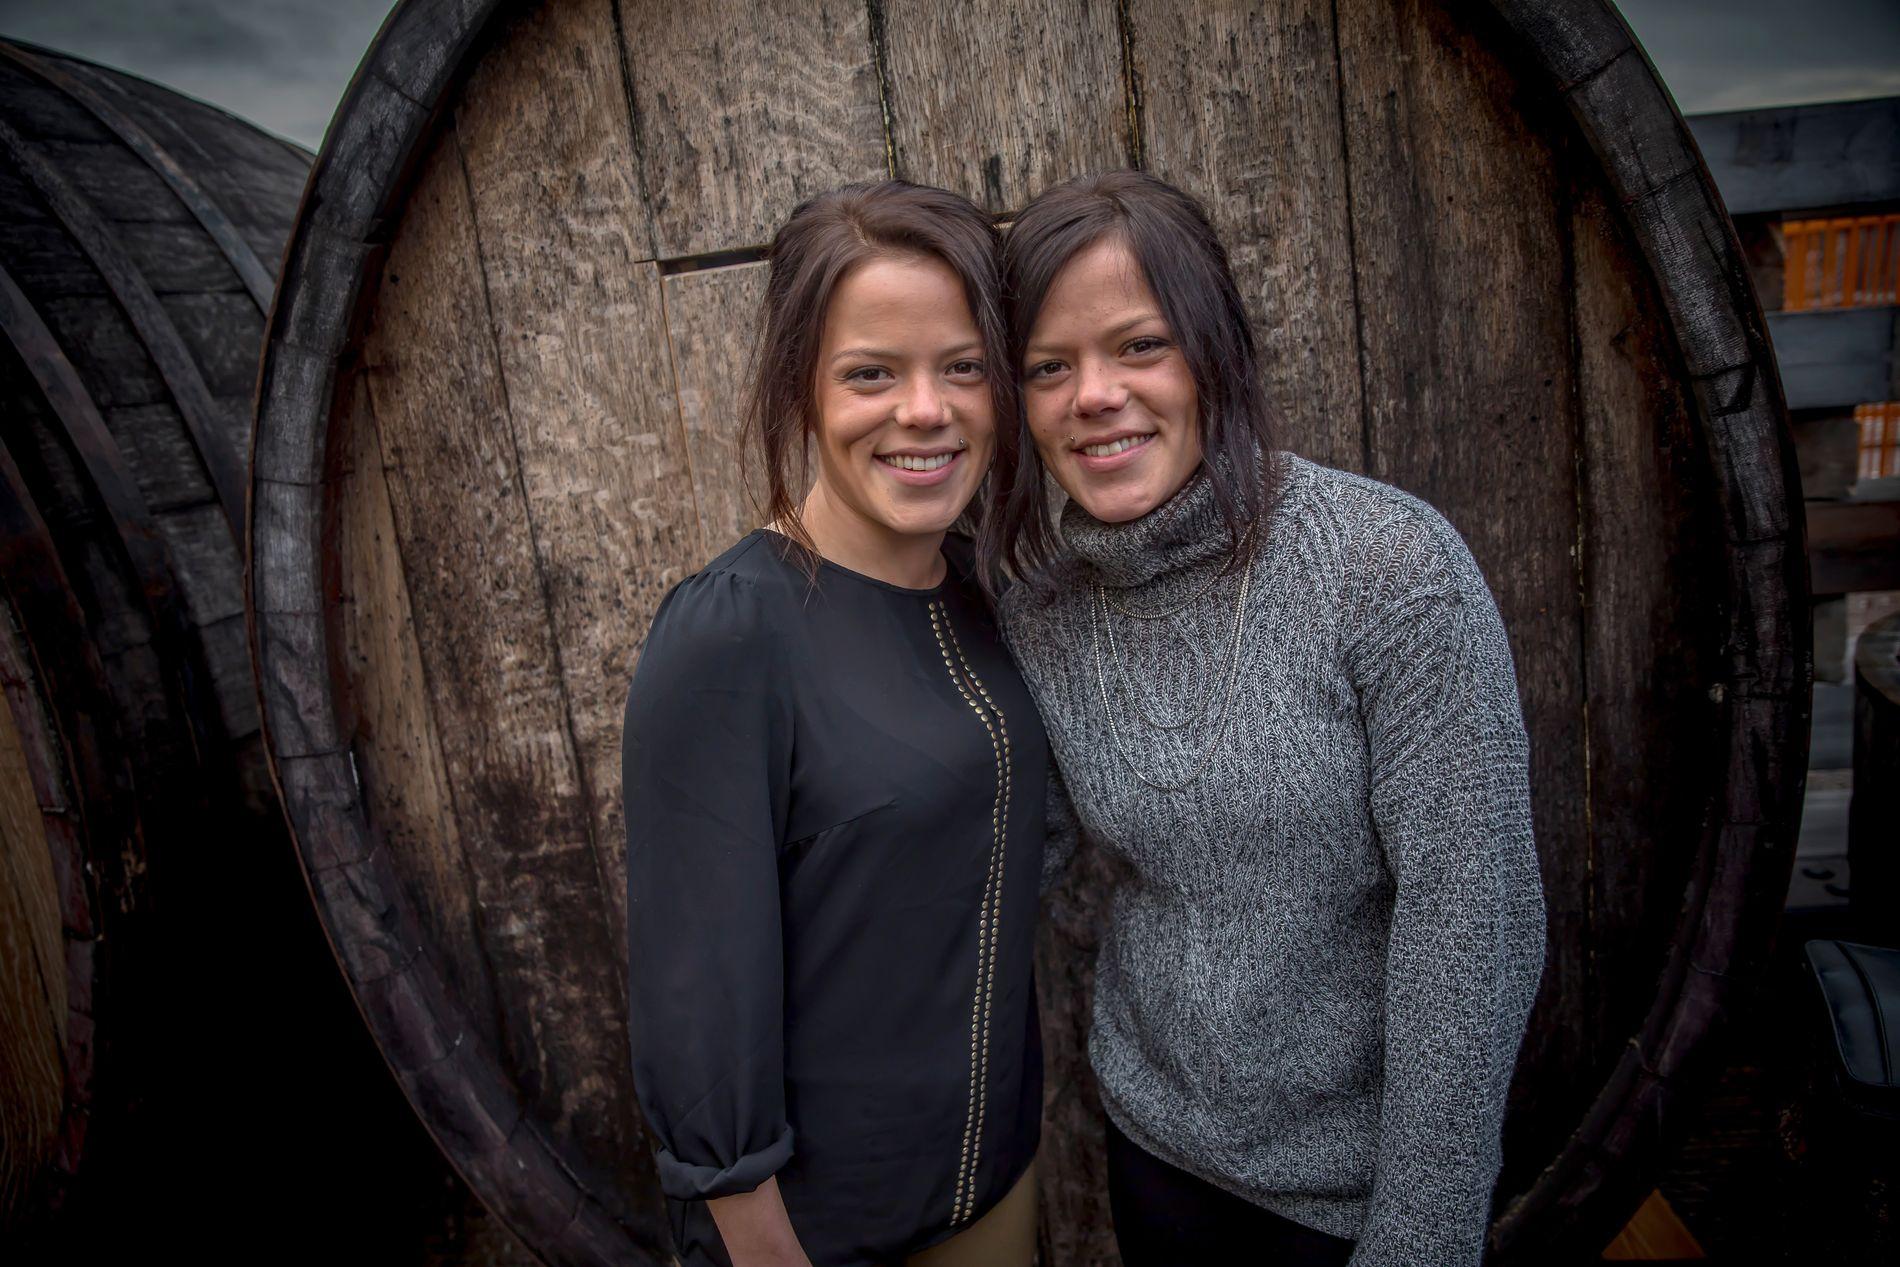 BYR PÅ FØLELSER: Kristine og Johanne Thybo Hansen viser nye sider av seg selv i sin nye TV-serie.